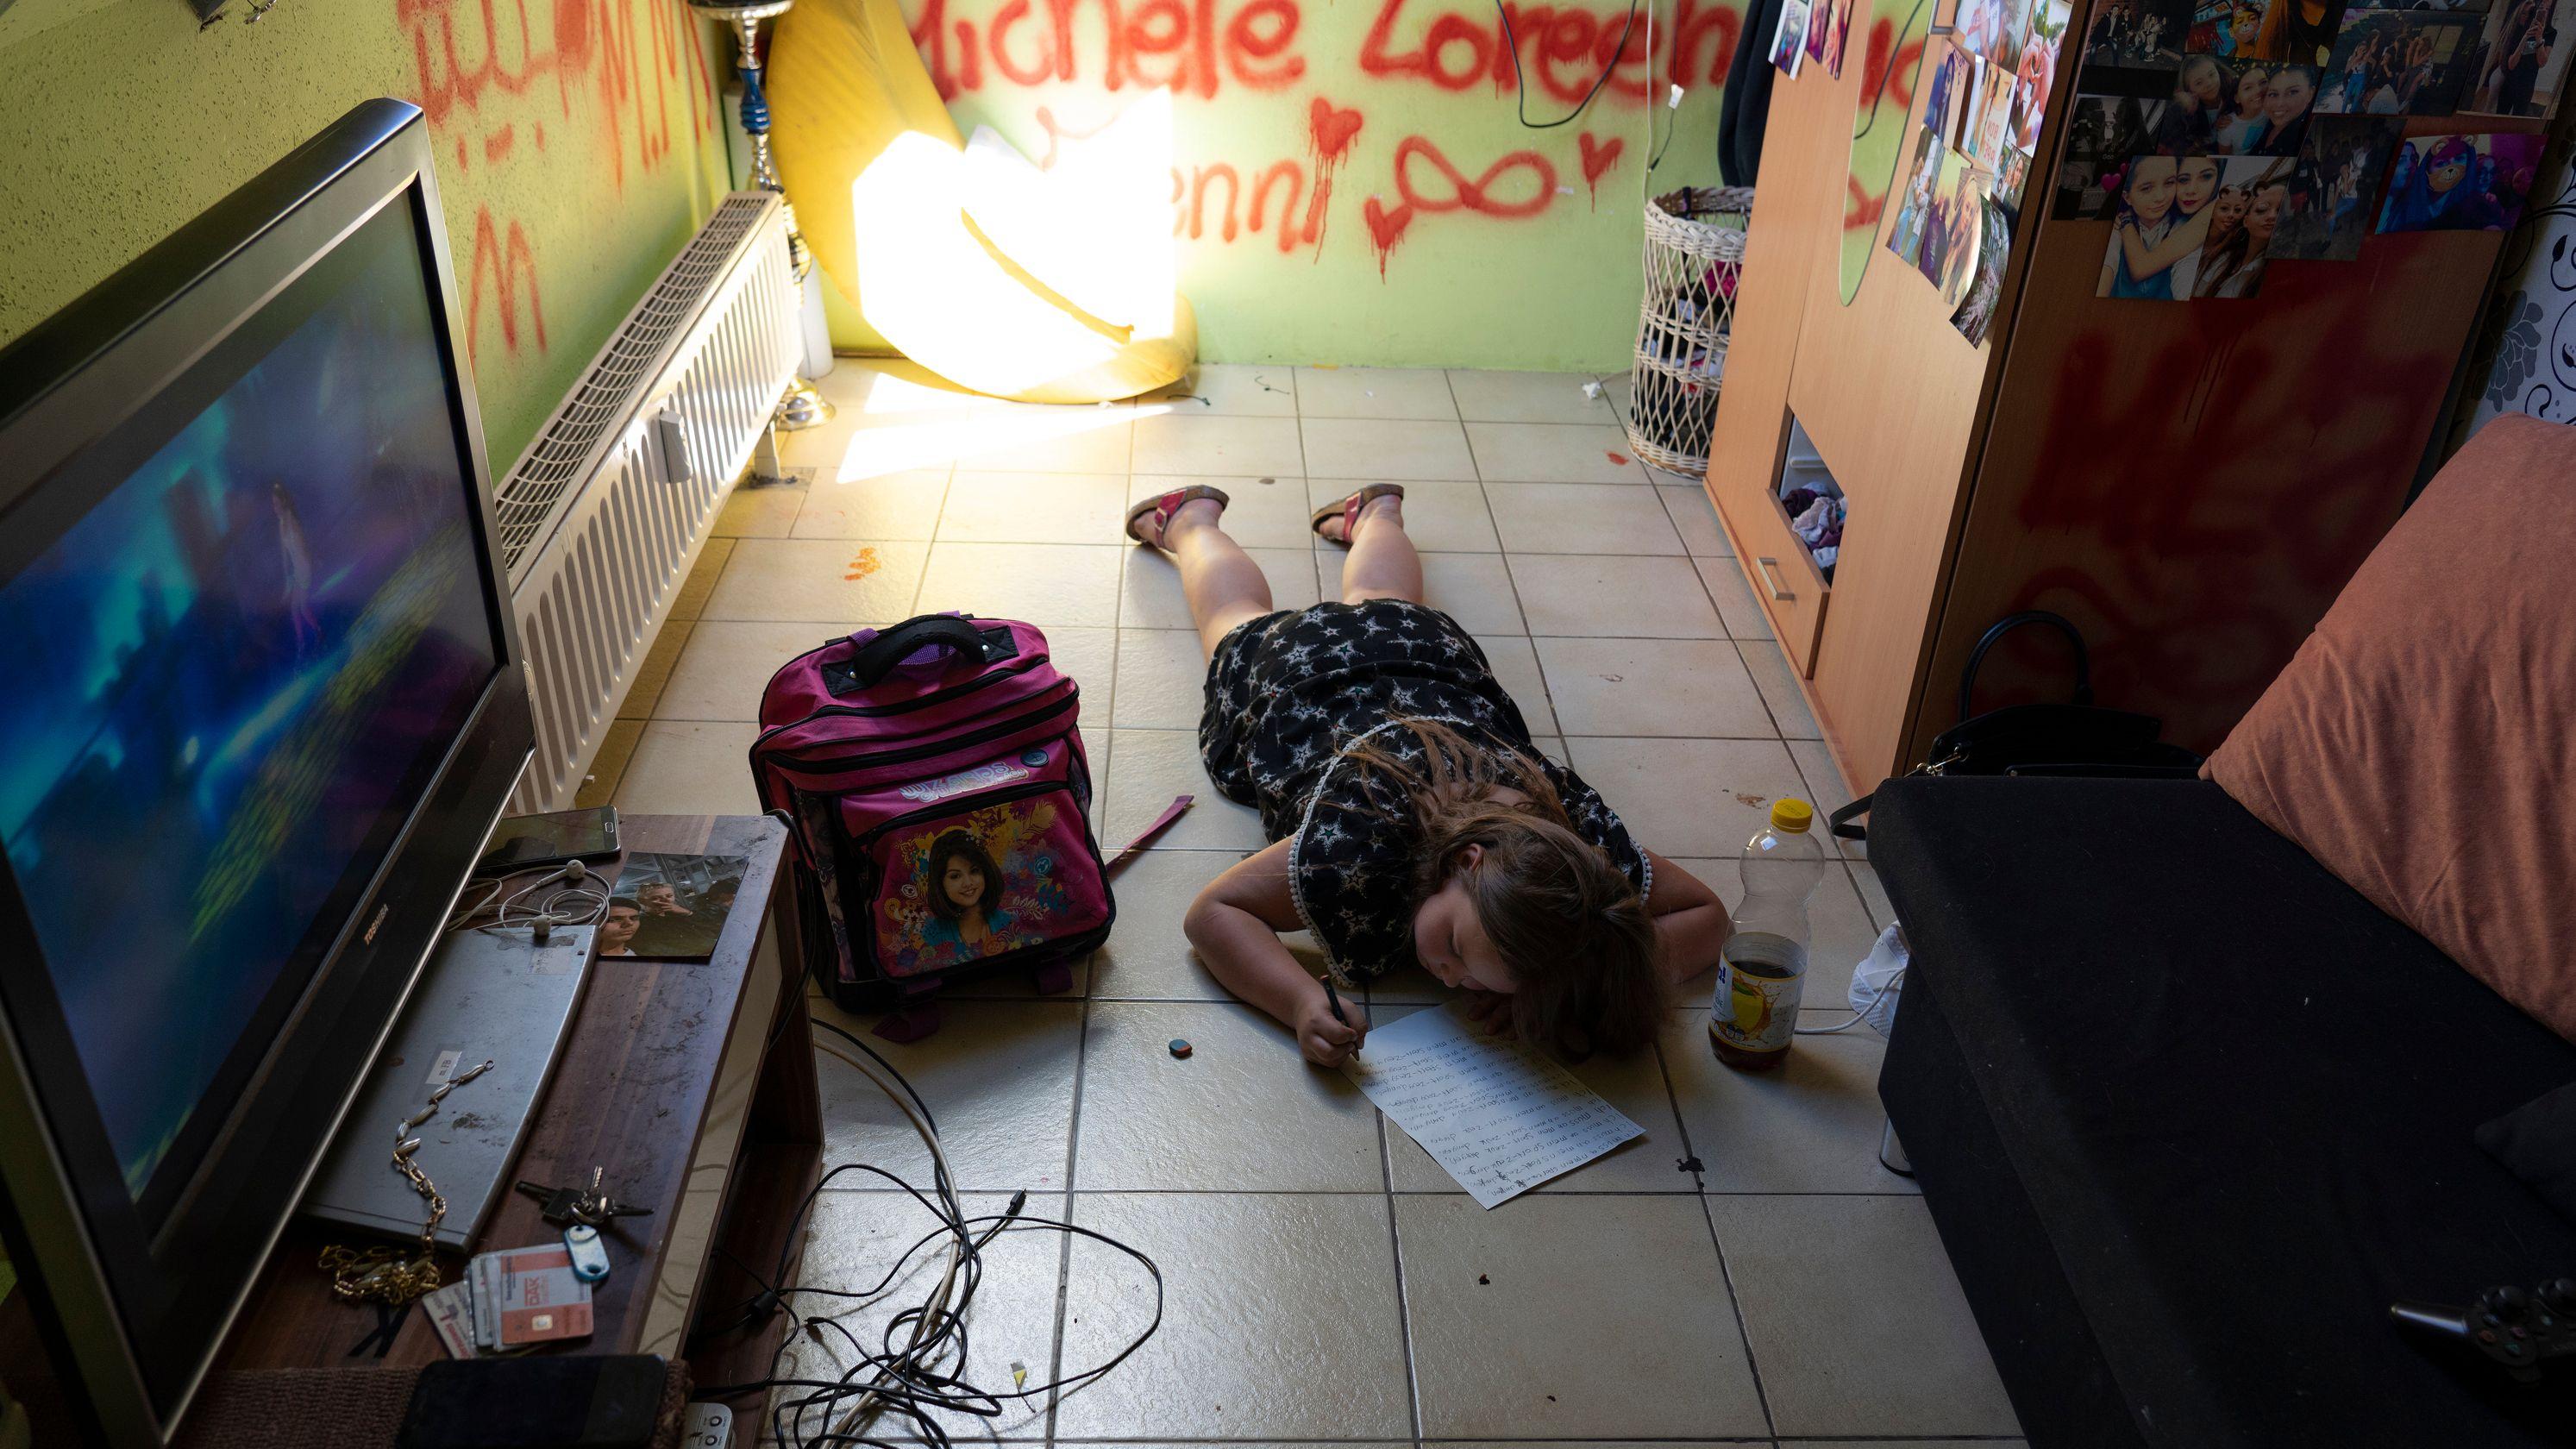 Ein Mädchen liegt in einem unordentlichen Raum unter Graffiti auf dem Boden und schreibt in ein Schulheft